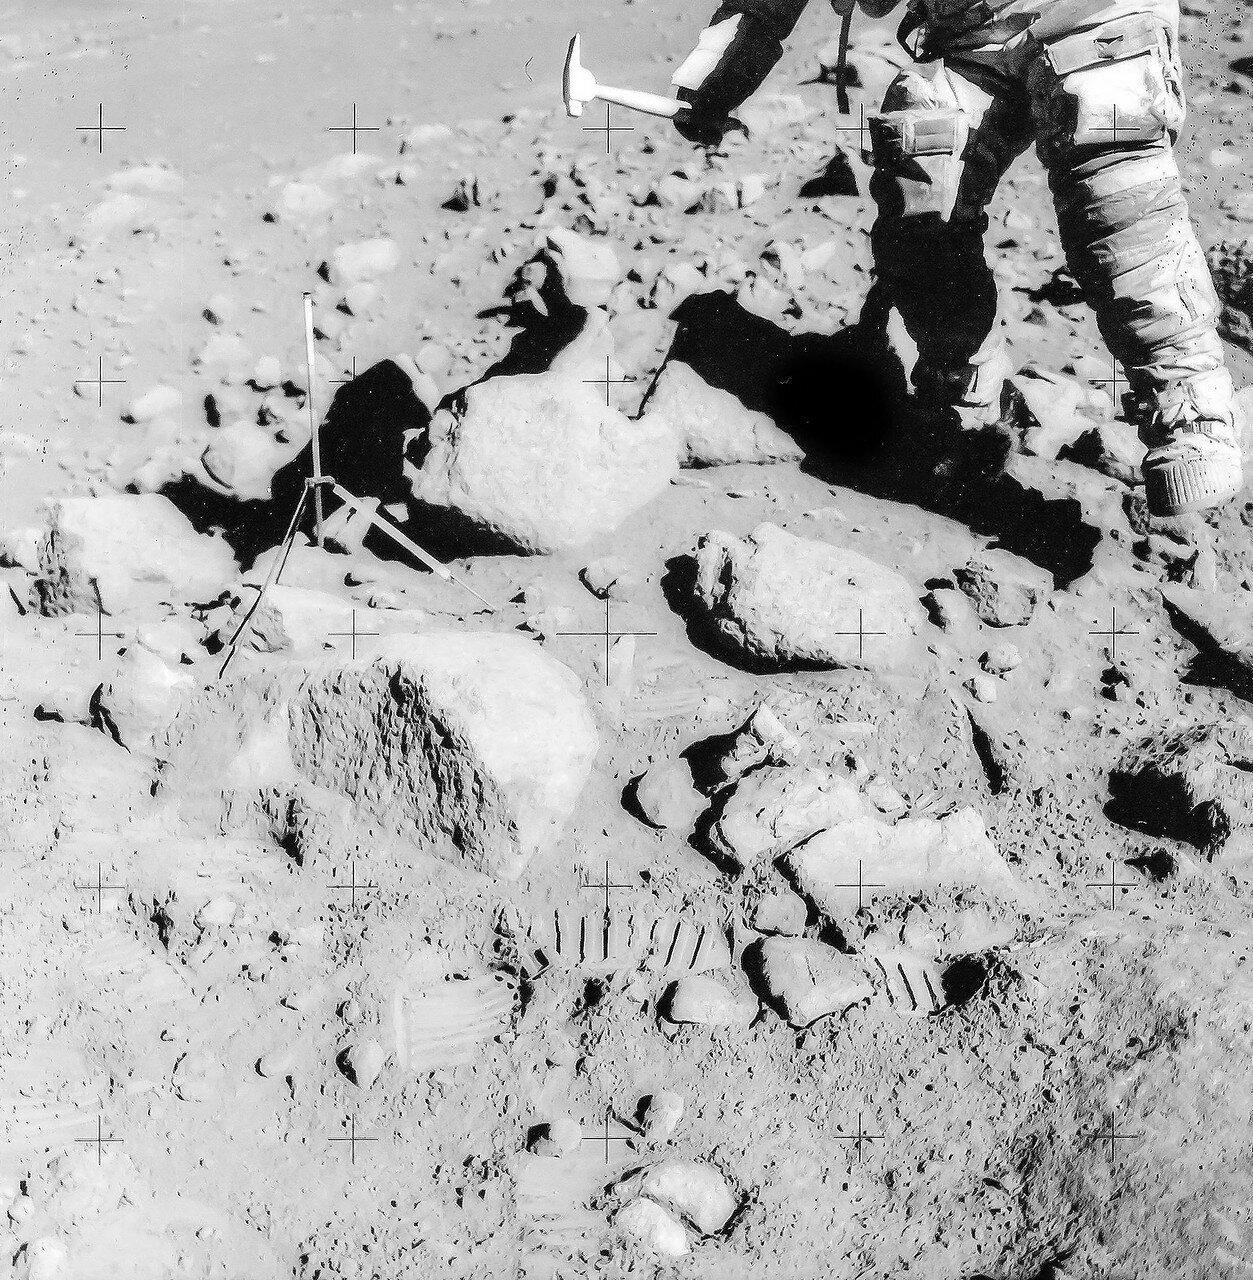 К тому моменту, когда работа у кратера Св. Георга была завершена, Скотт и Ирвин уже находились там 50 минут